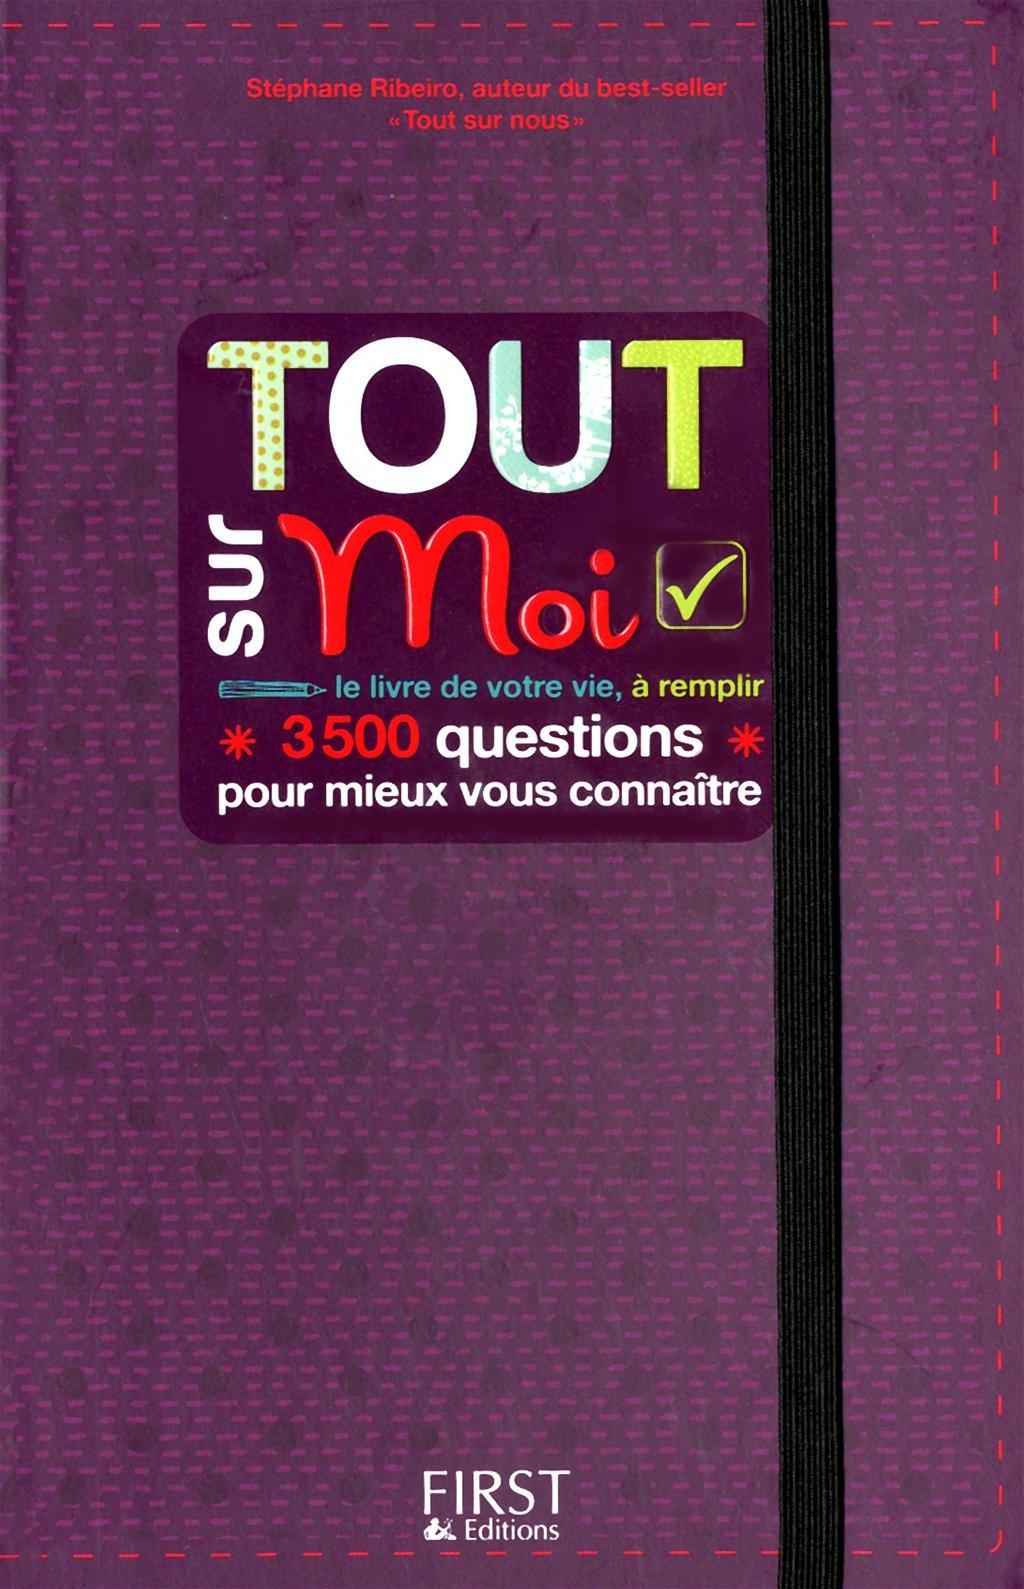 Extrêmement Amazon.fr - TOUT SUR MOI - STEPHANE RIBEIRO - Livres IG44